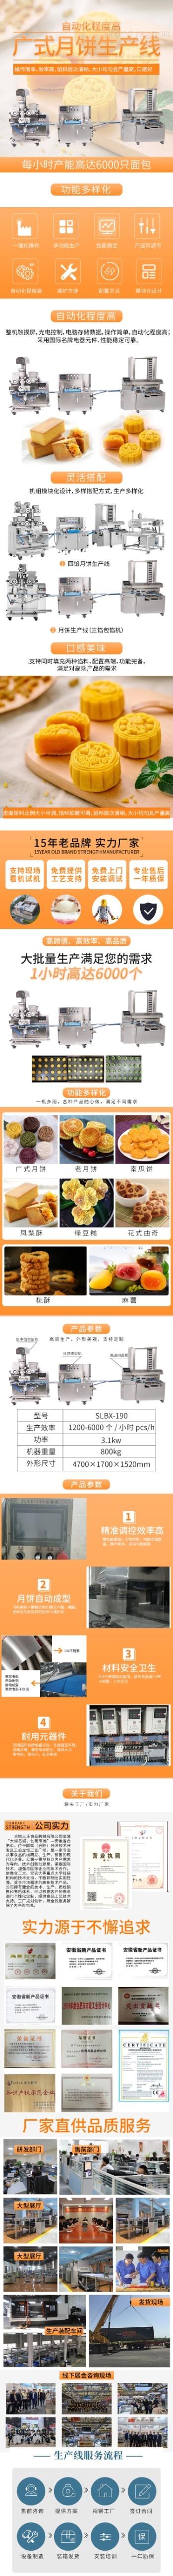 广式月饼生产详情.jpg